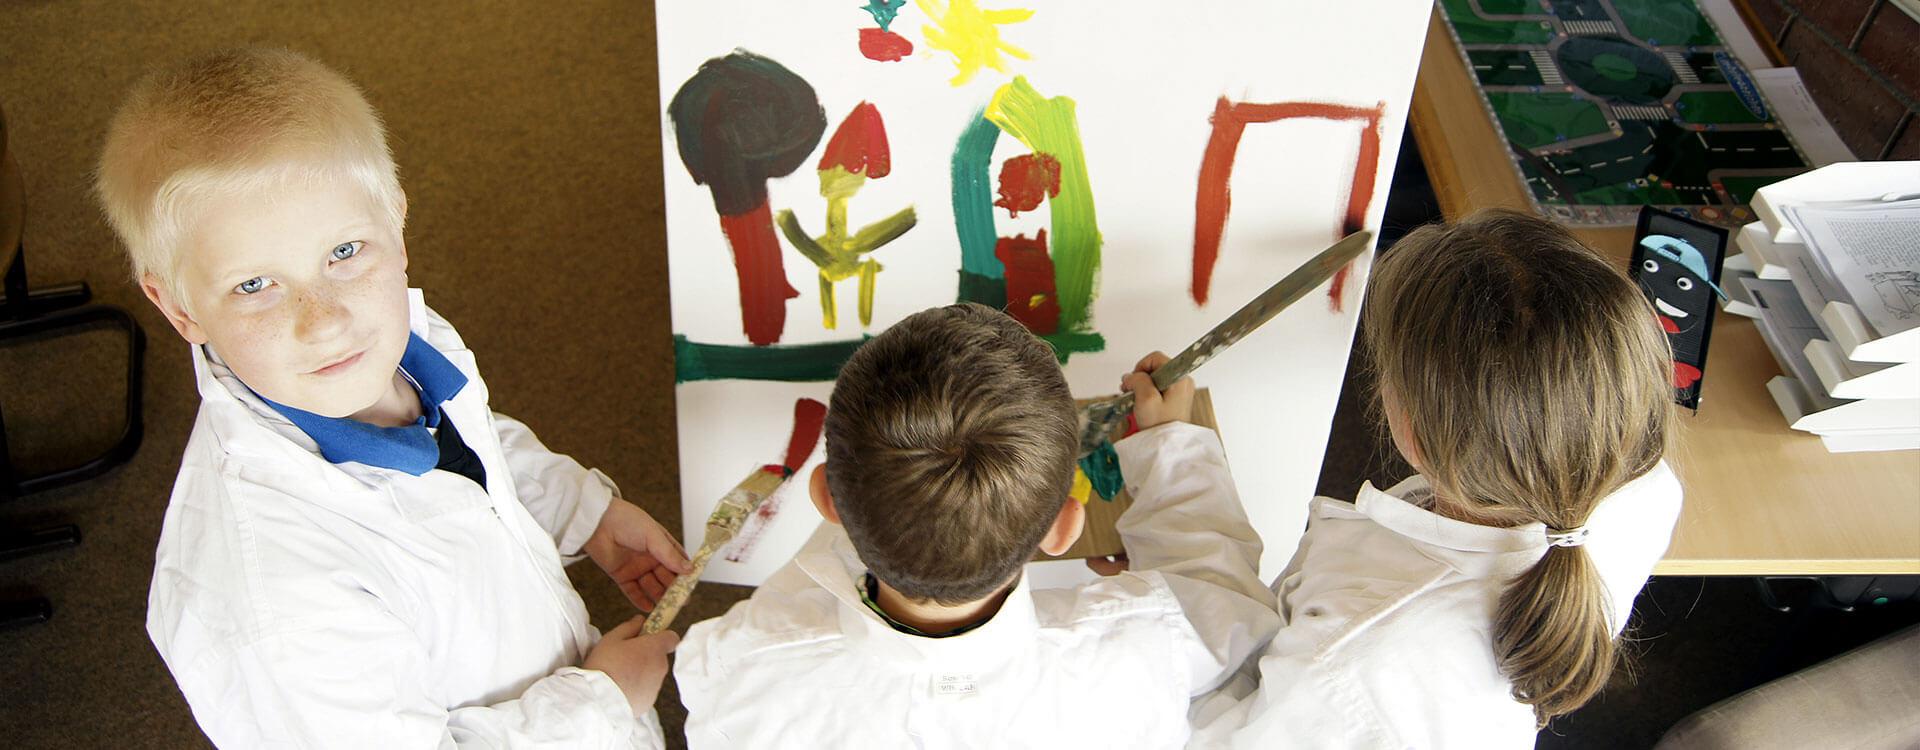 Markgrafenschule Altensteig Malen